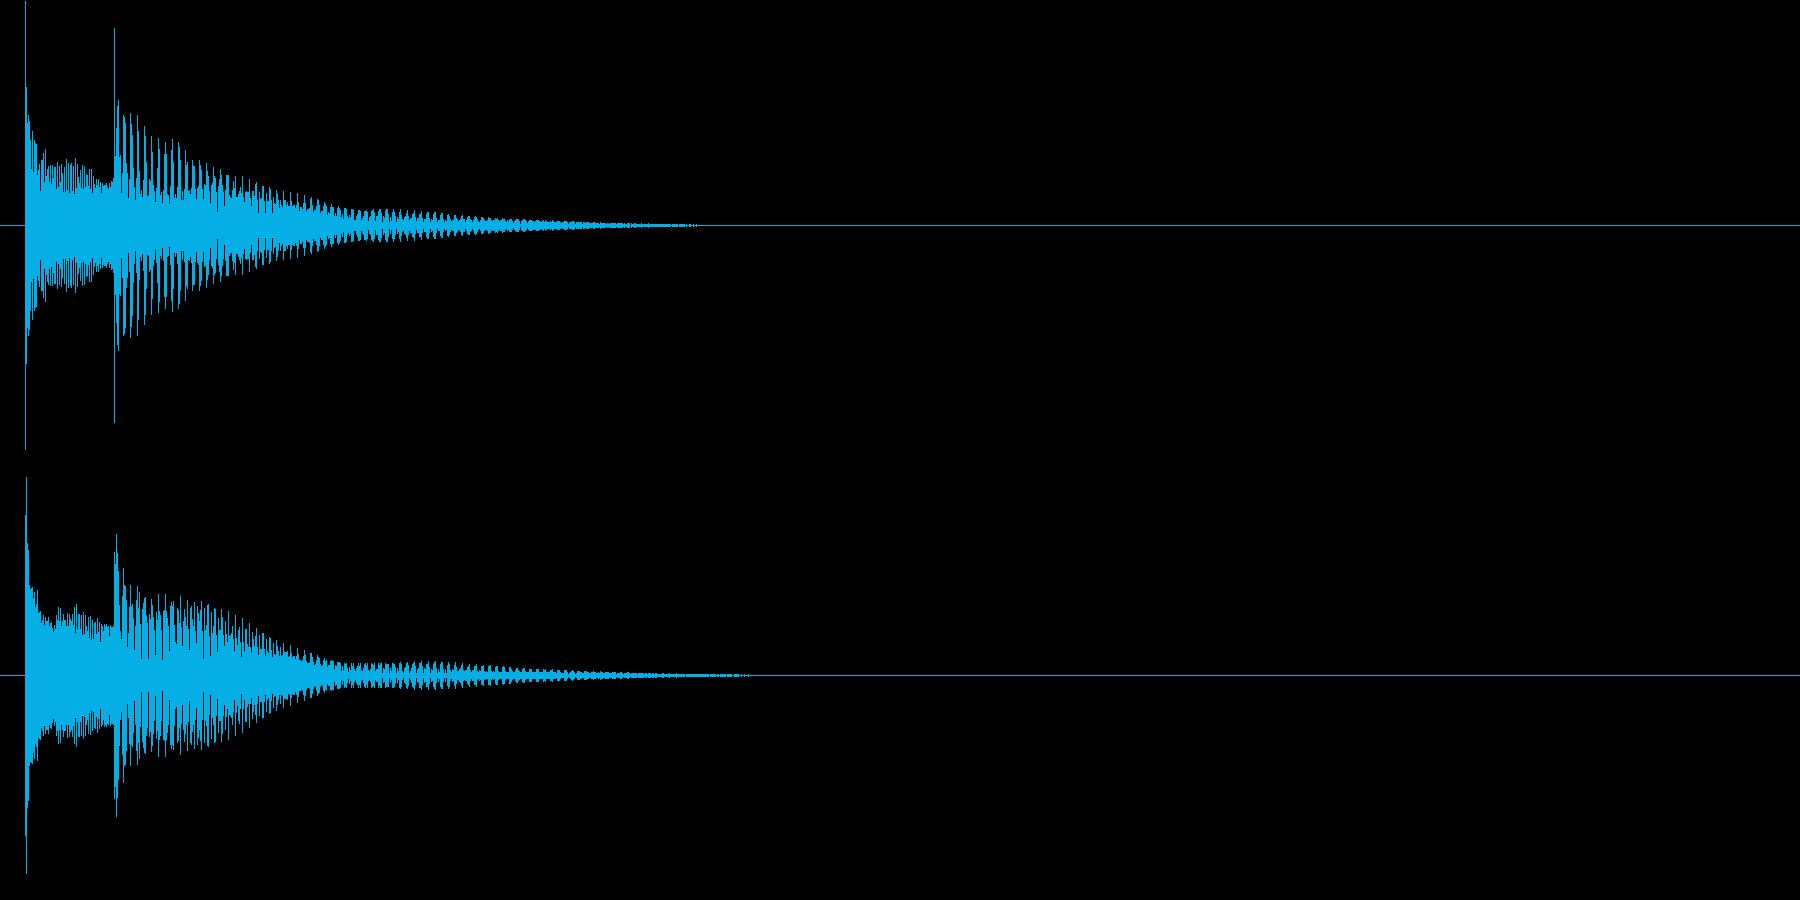 キャンセル音などに使えるピコン音の再生済みの波形